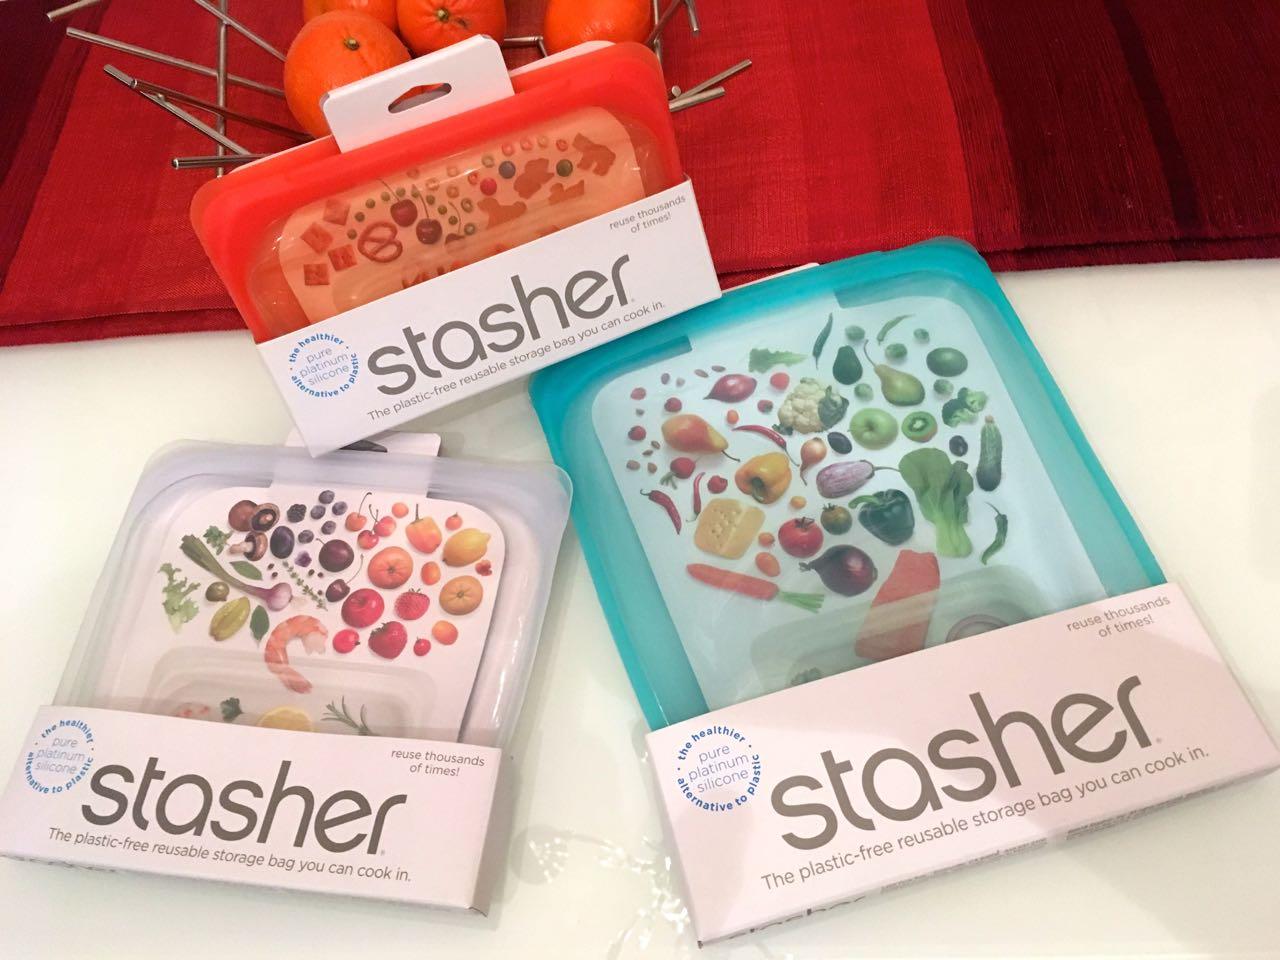 Stasher reusable plastic-free storage bag